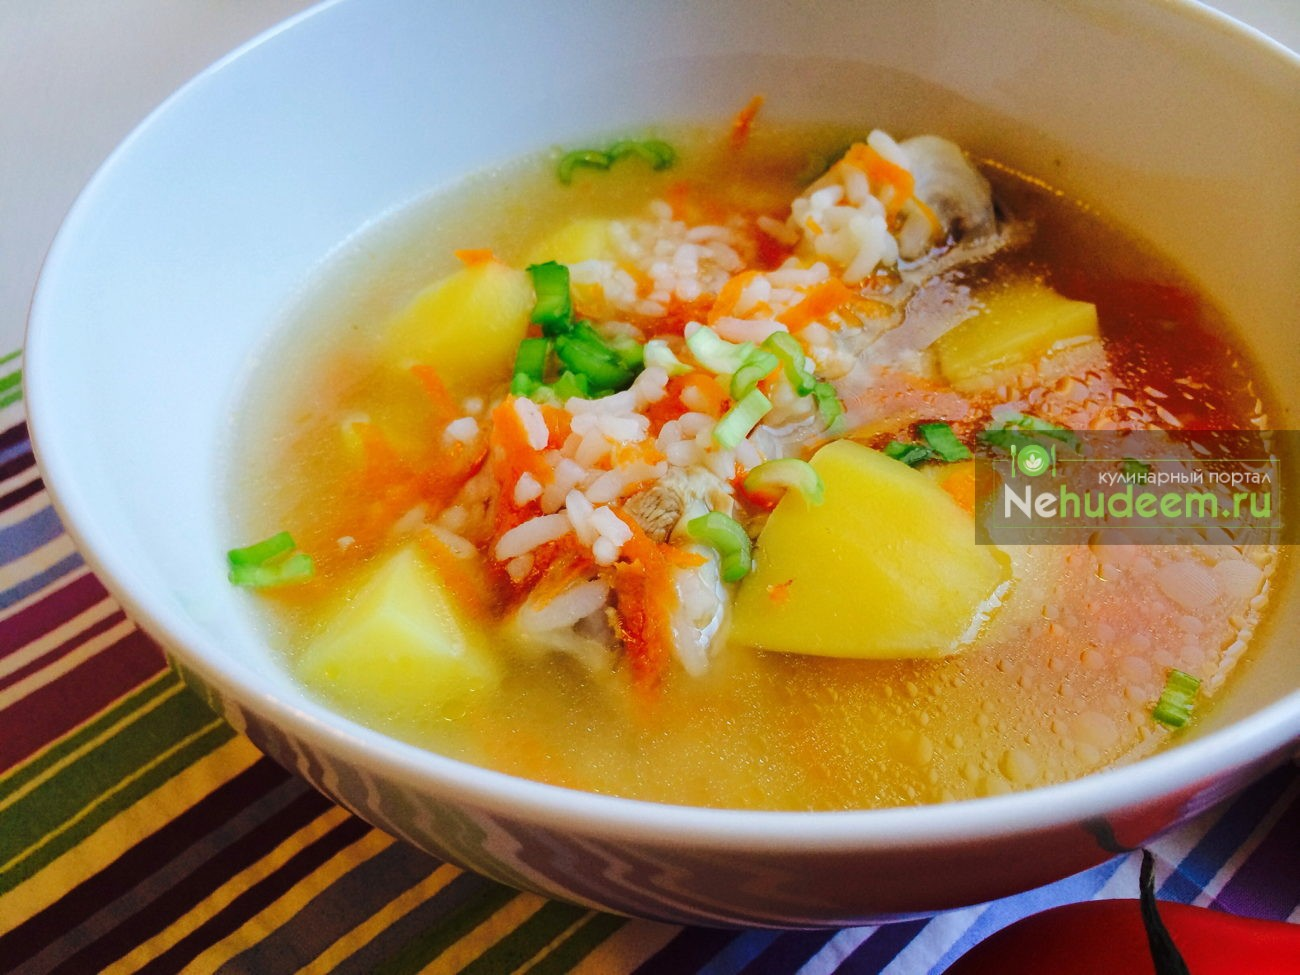 Суп куриный с картофелем и рисом рецепт с пошагово в кастрюле